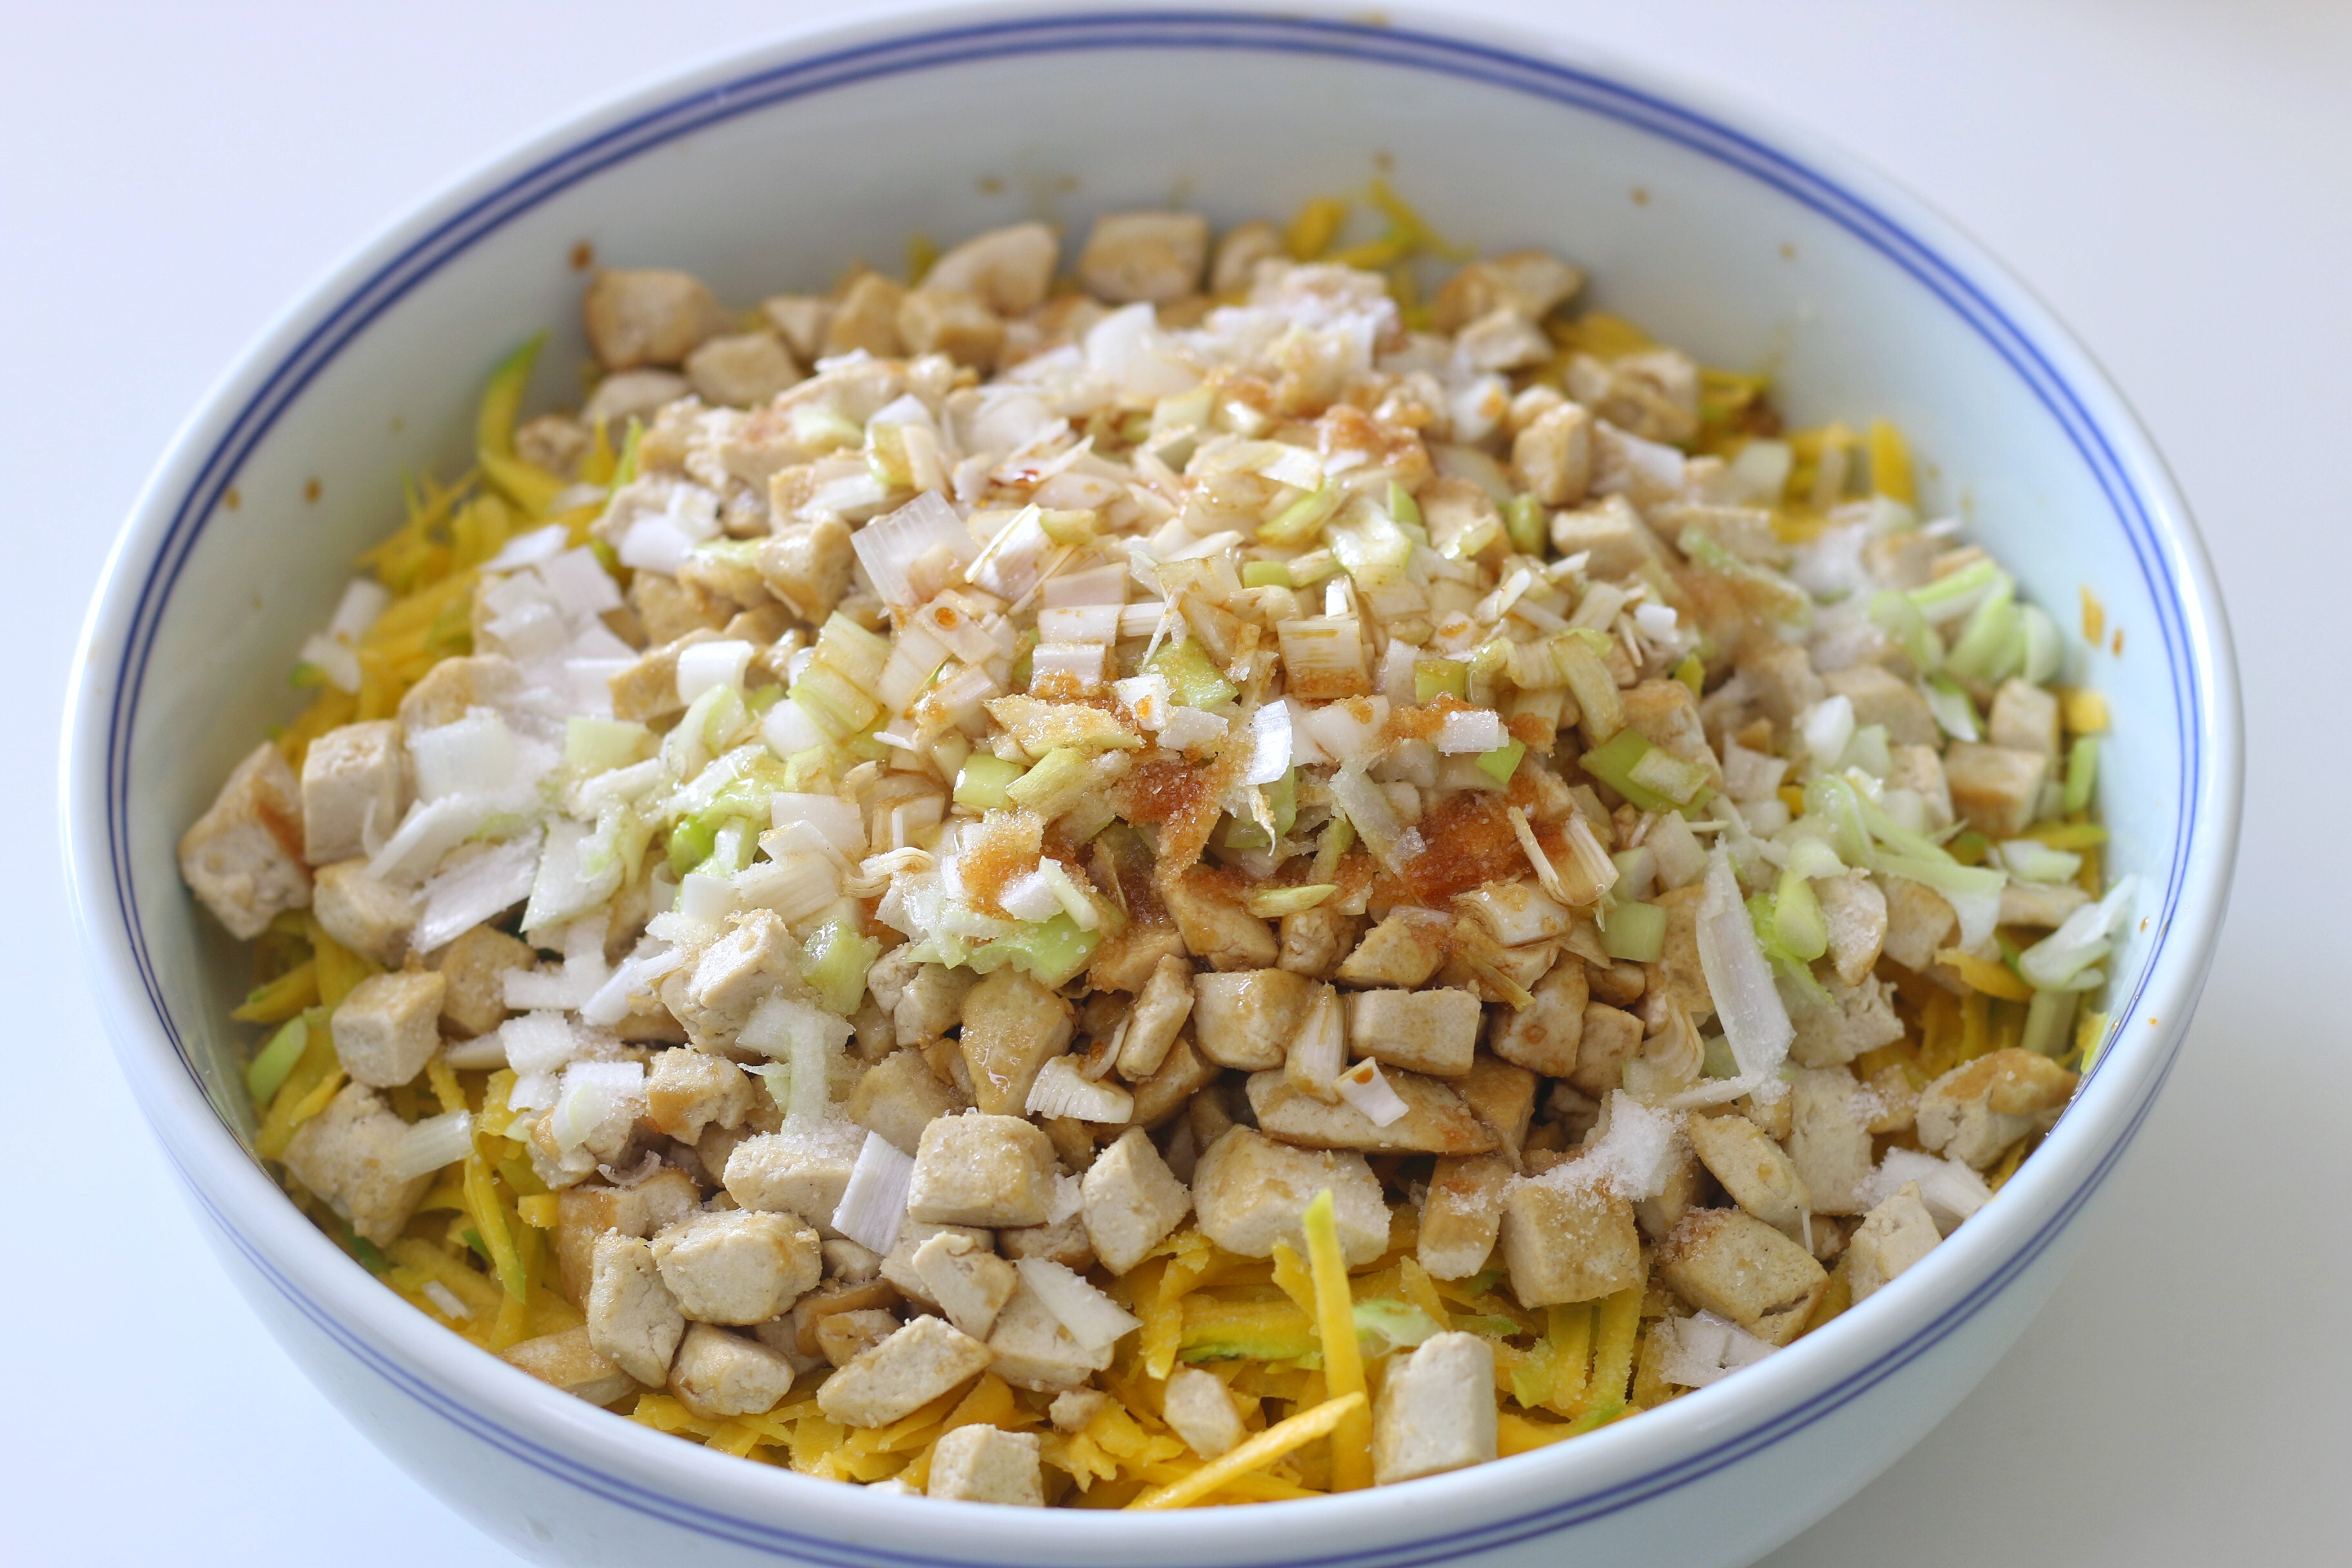 用南瓜和豆腐做素馅儿包,无需过多调料,蒸出来比肉包子都香